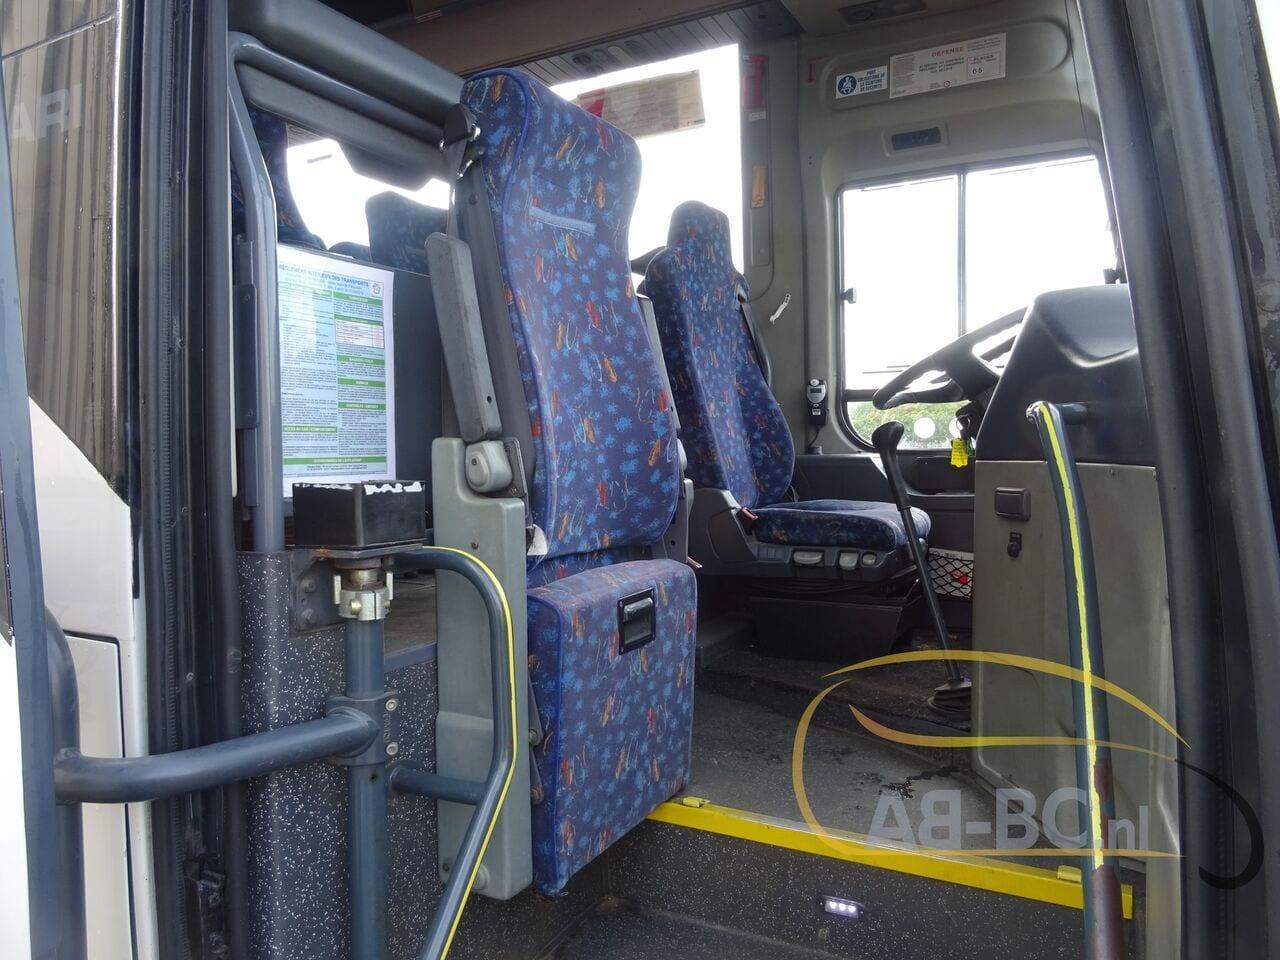 coach-busTEMSA-Safari-RD-65-Seats---1620311841558775105_big_c108aa3a2c9b0dc19efe518d7c7ad6ae--21050617272795316700